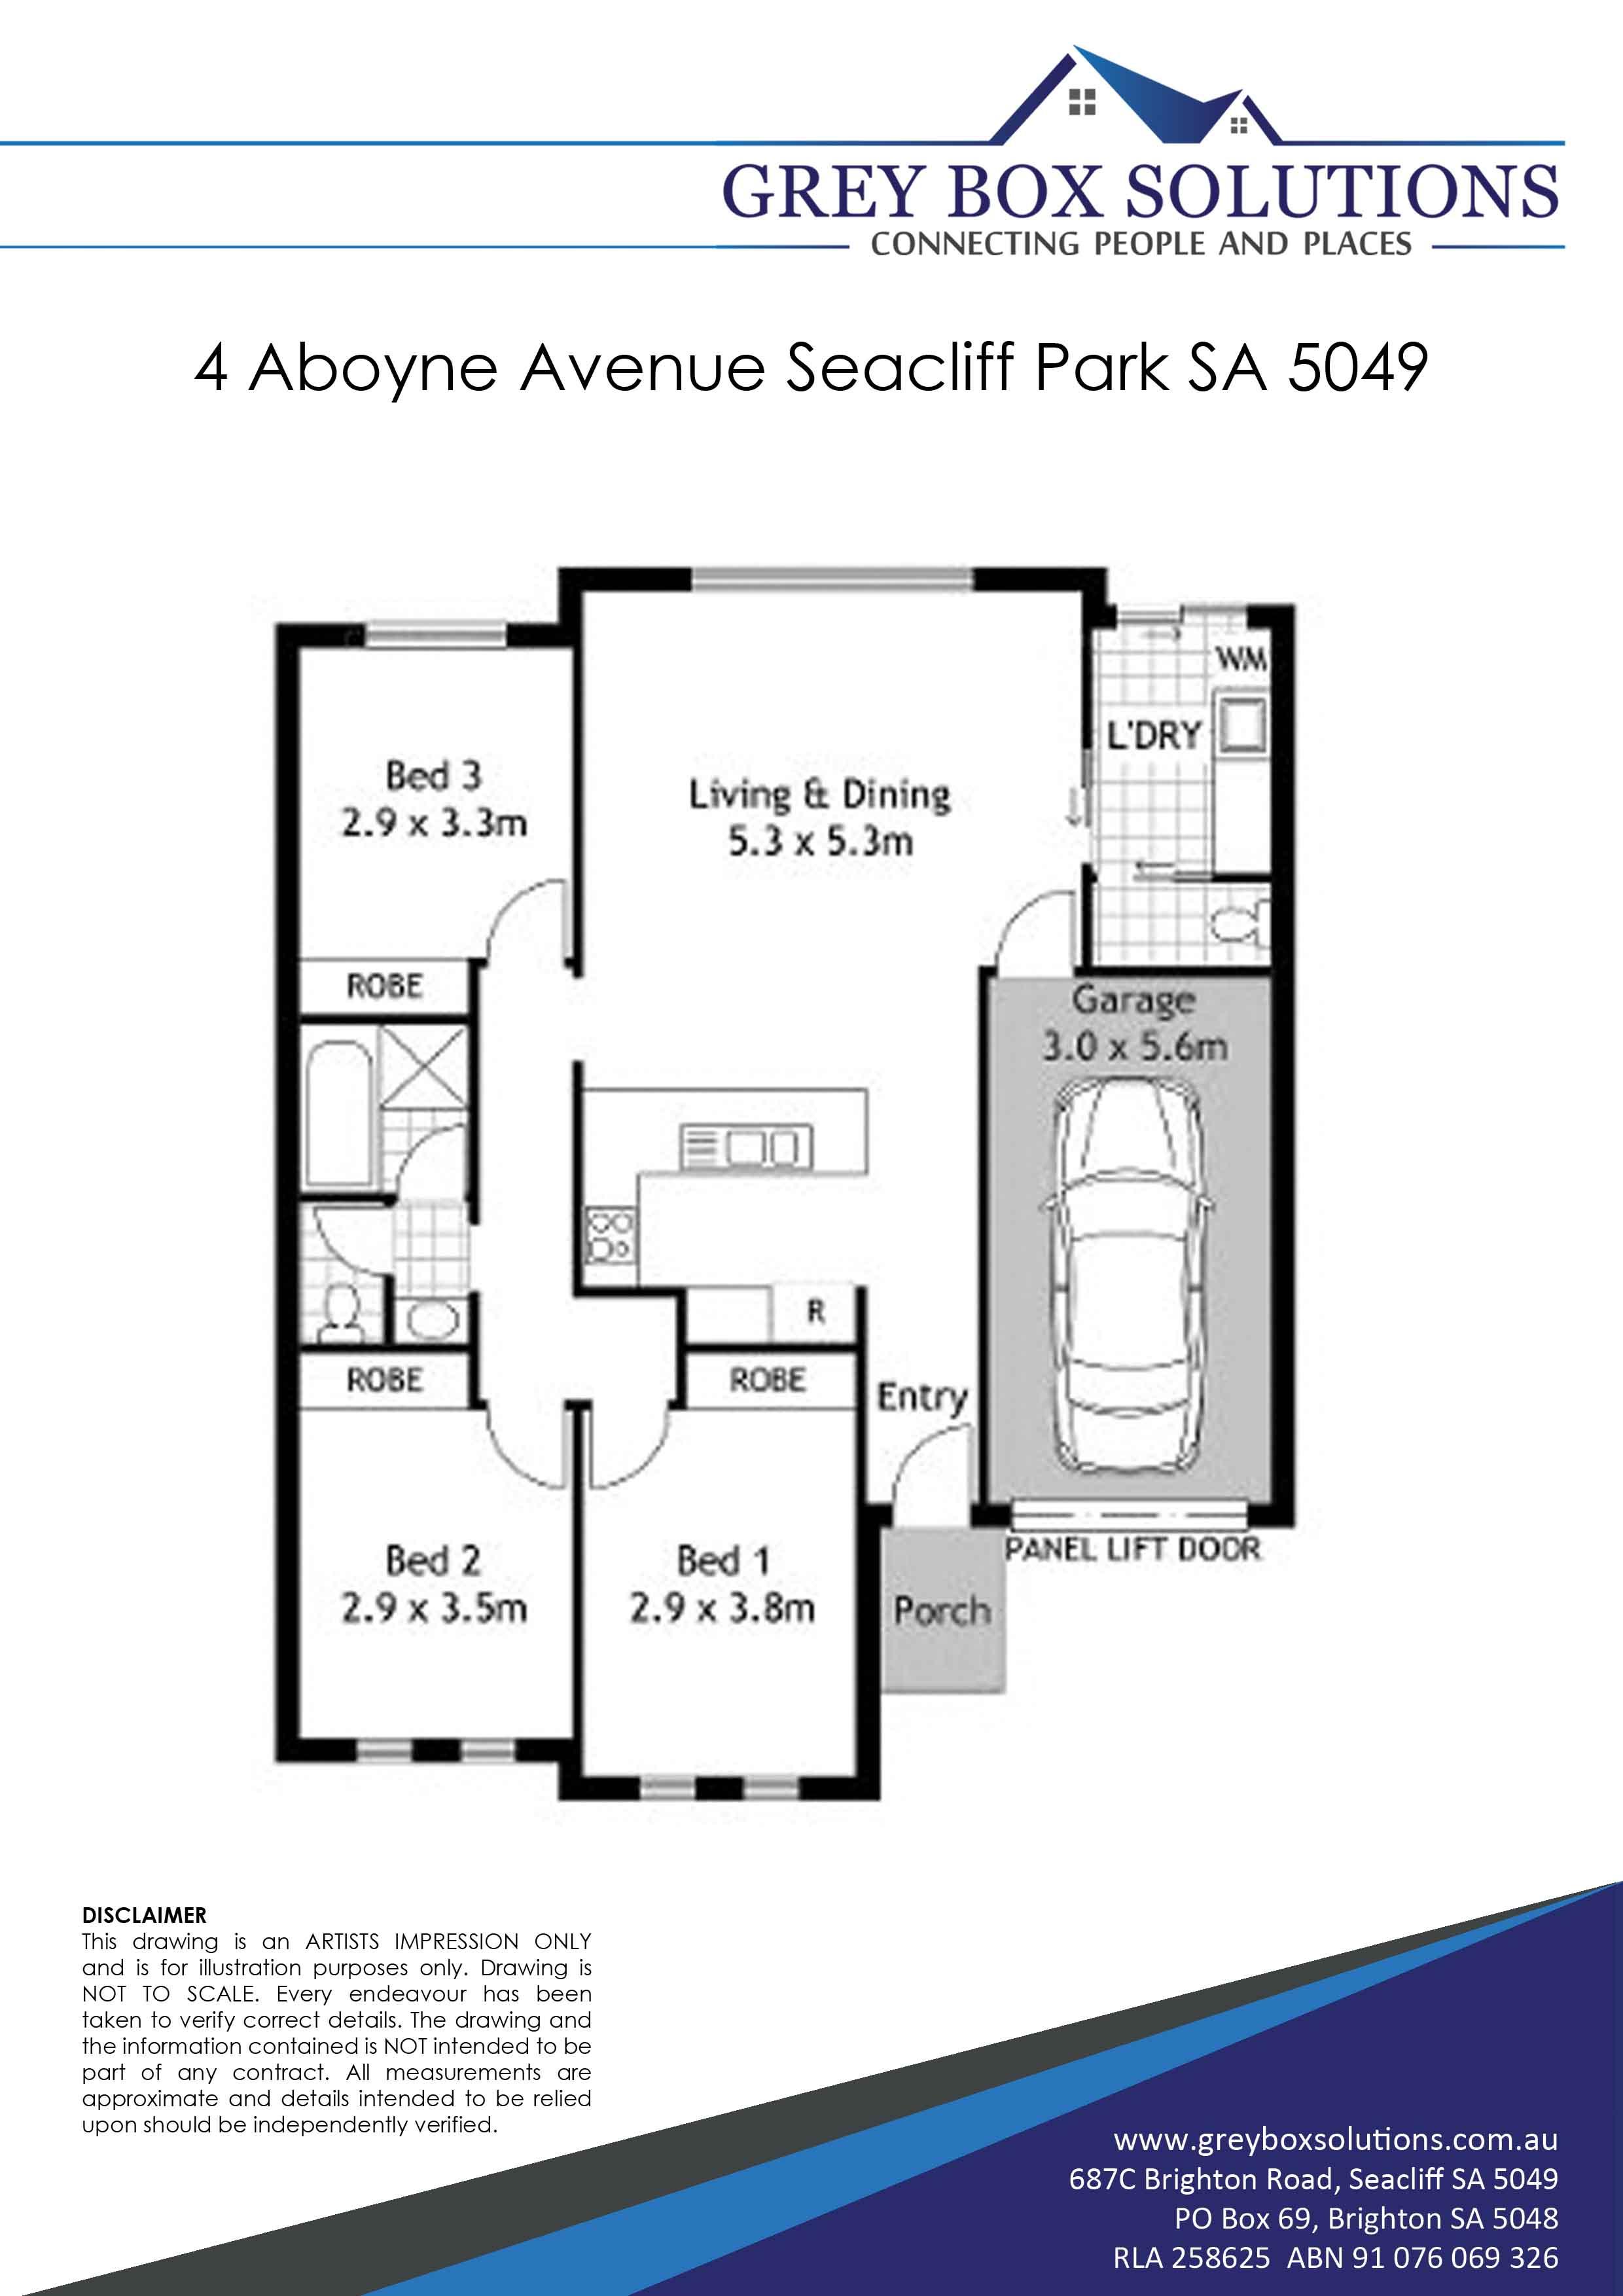 04AB - Floorplan